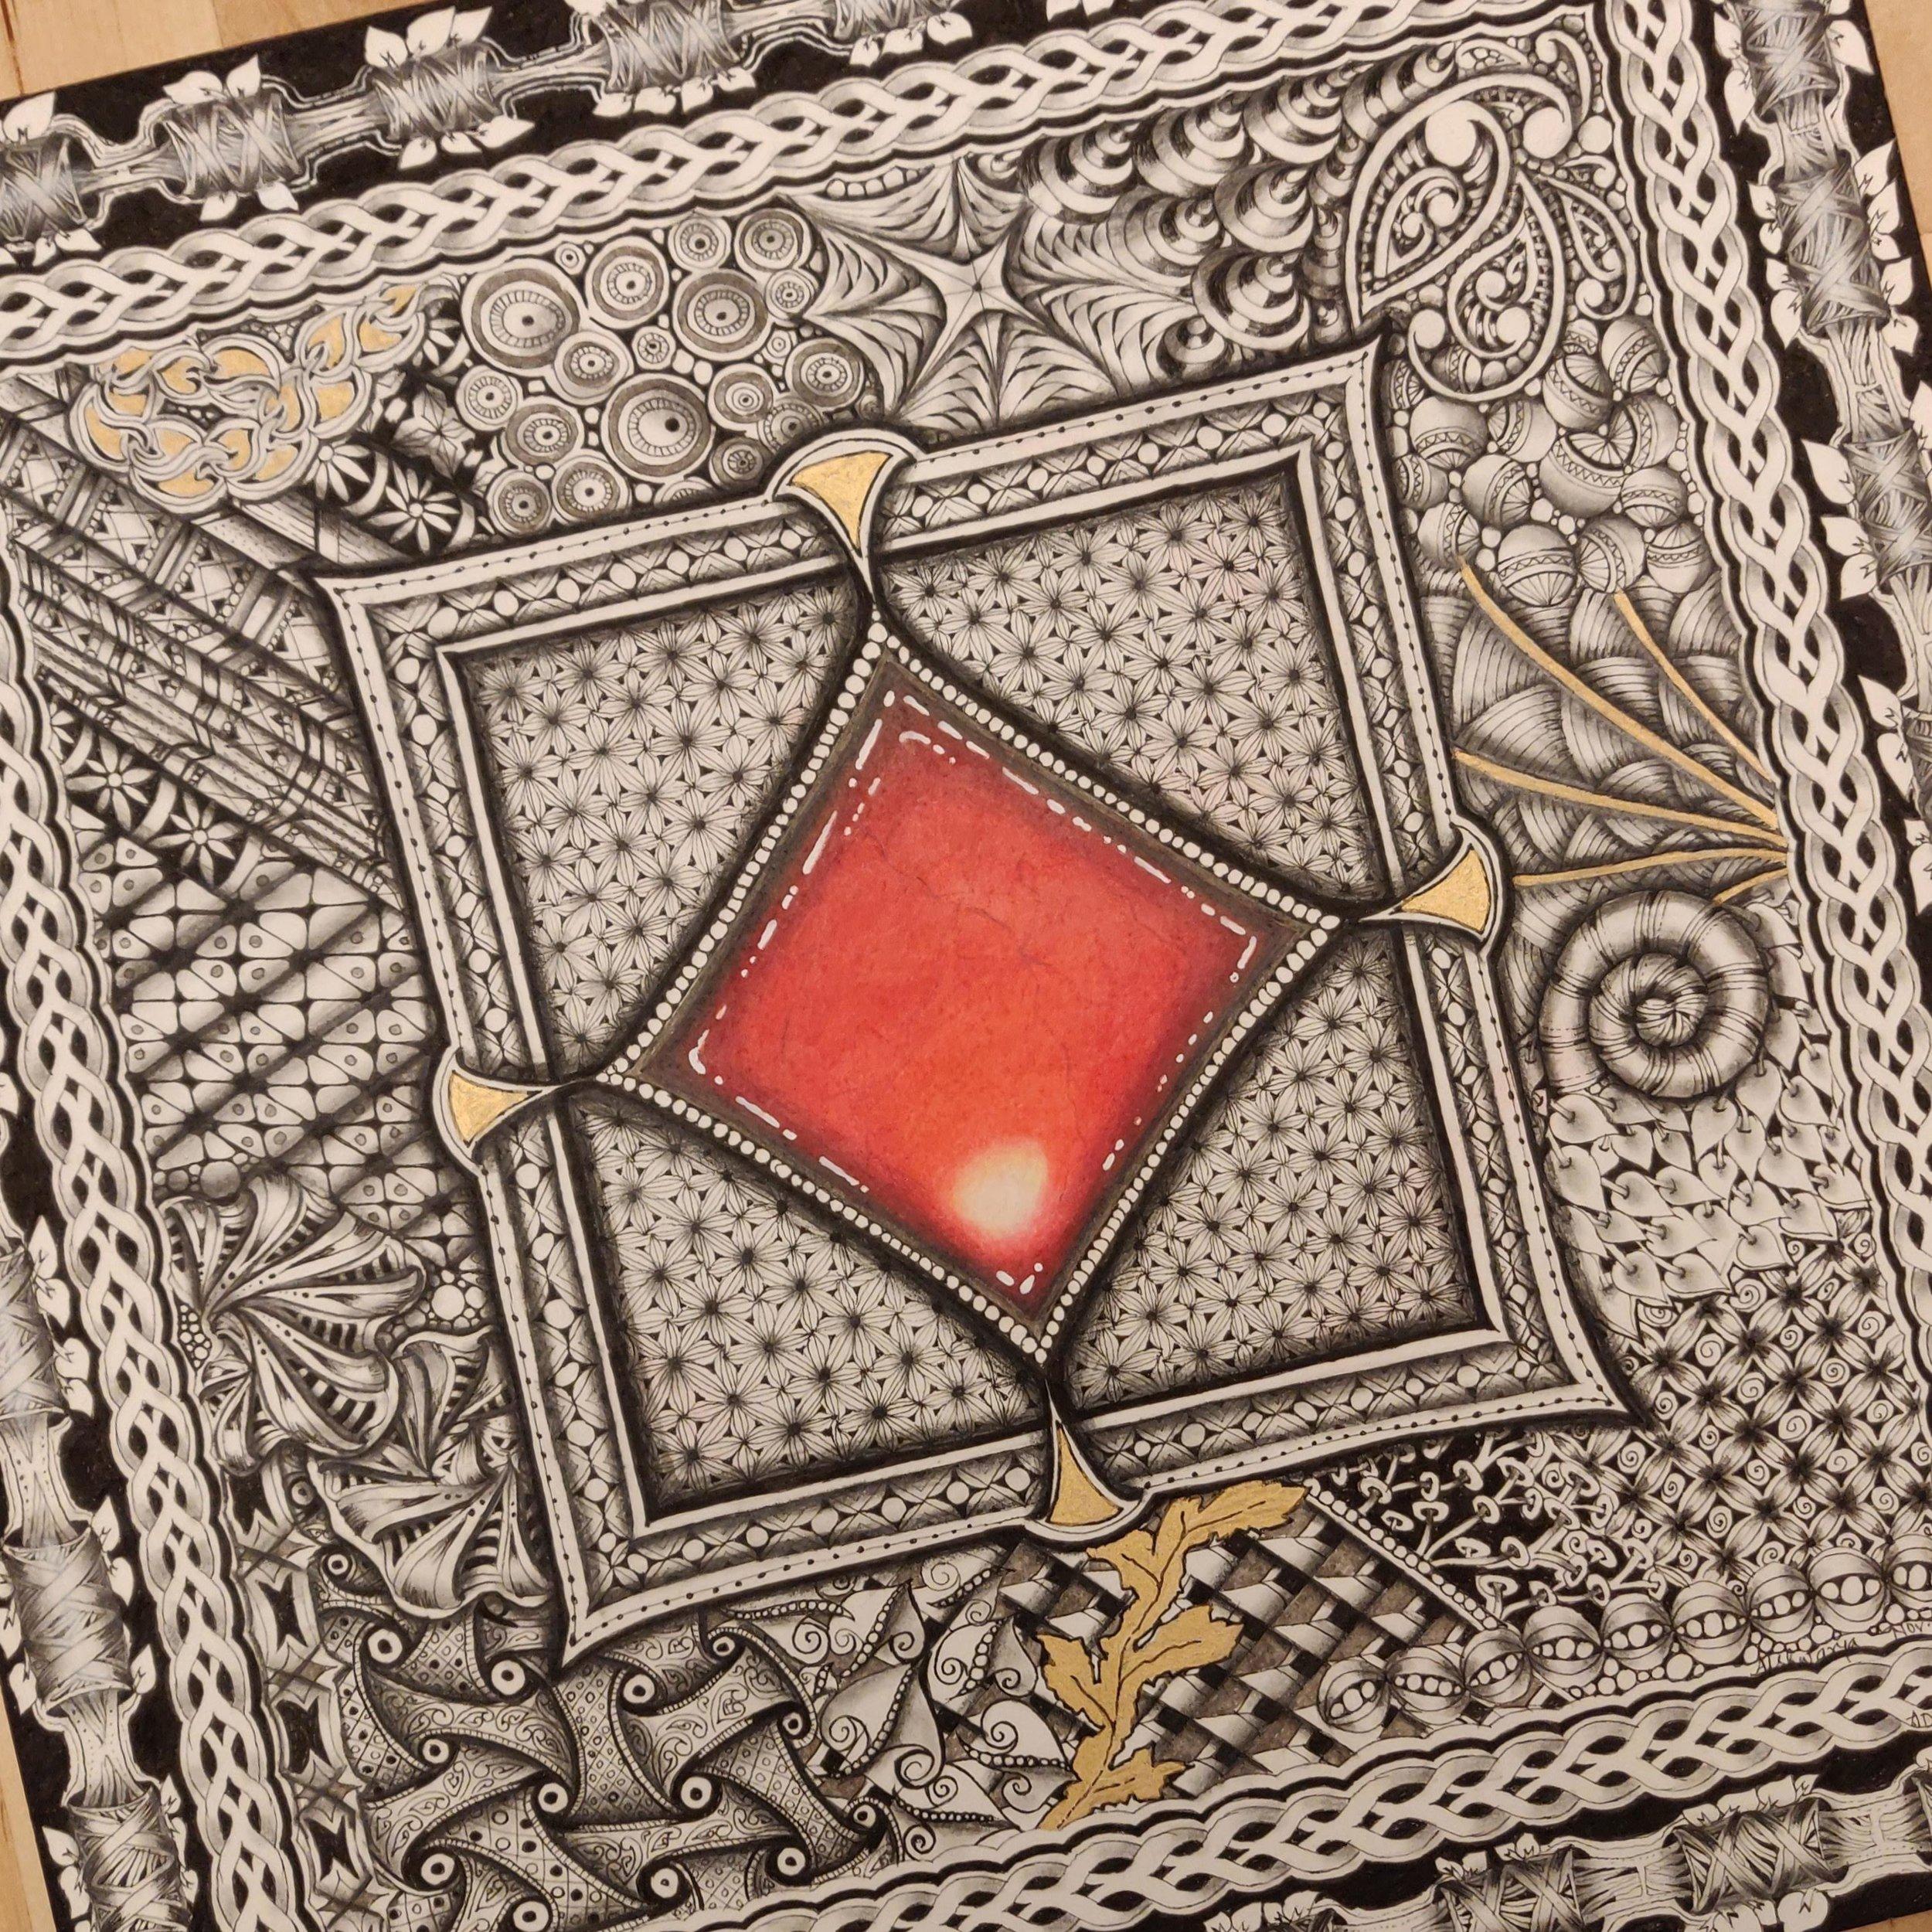 RedZenGem-12inches-Arches-SoldArtwork